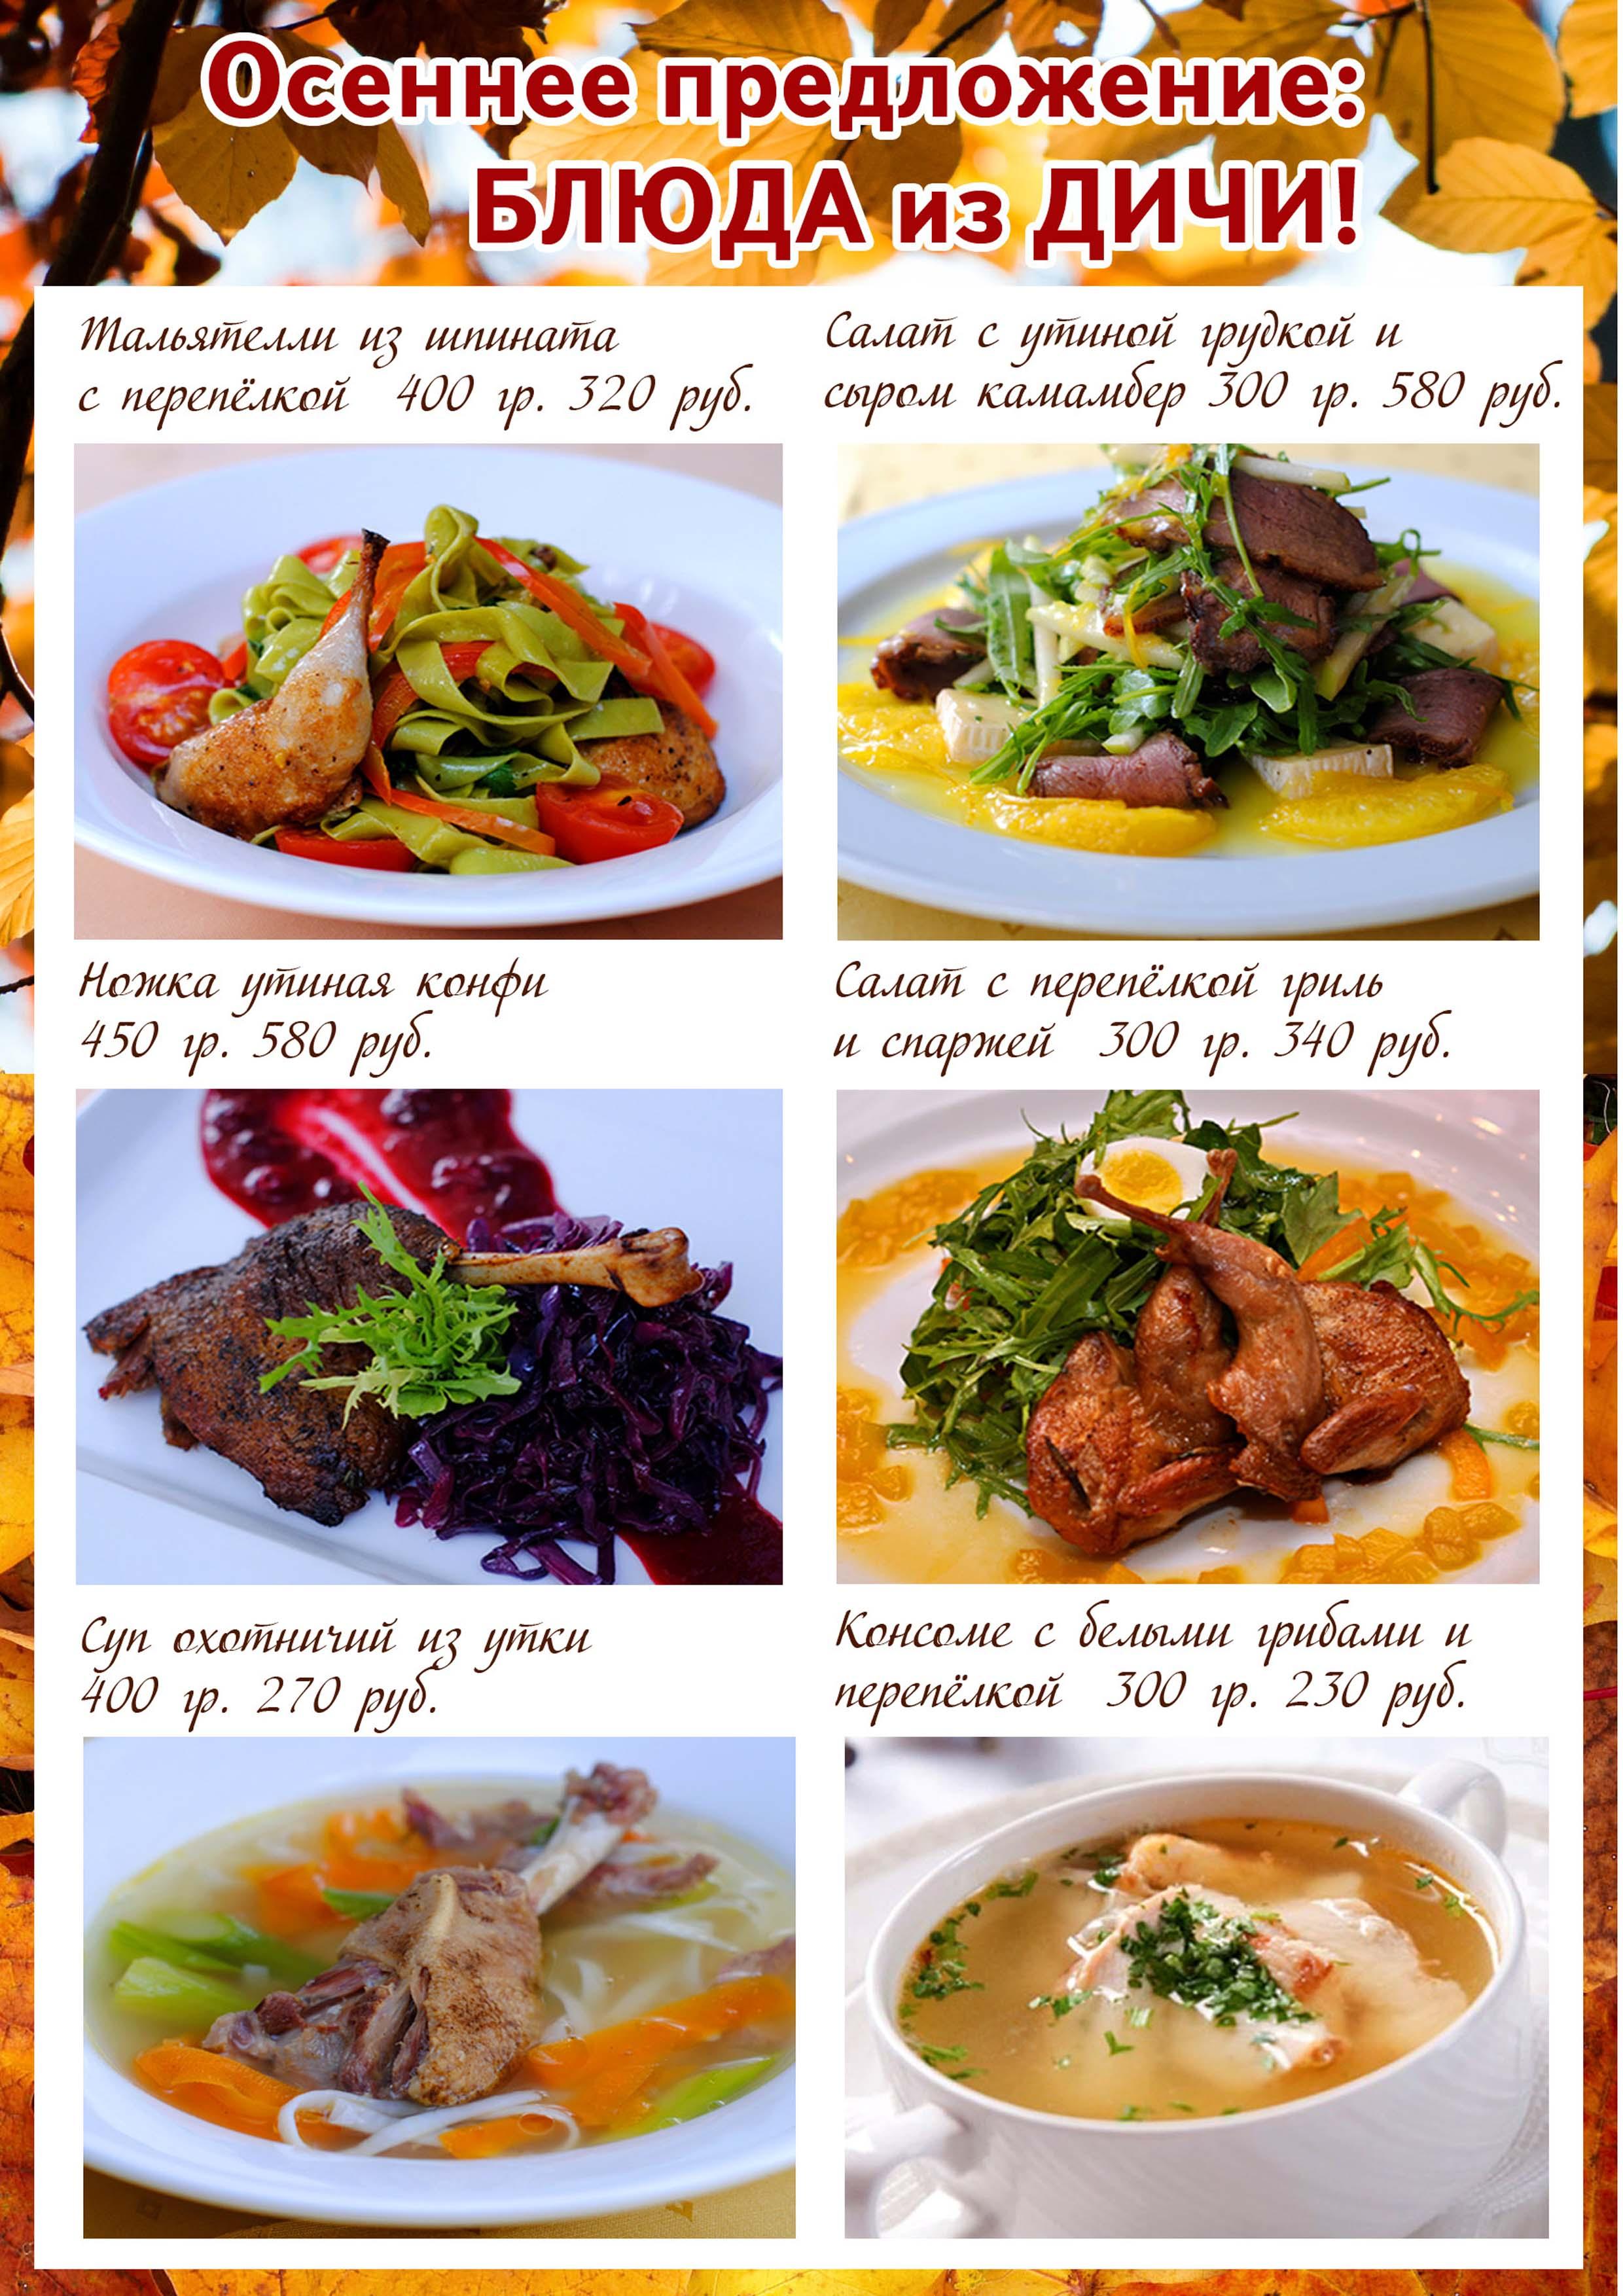 Рецепт блюд и меню для кафе и ресторанов